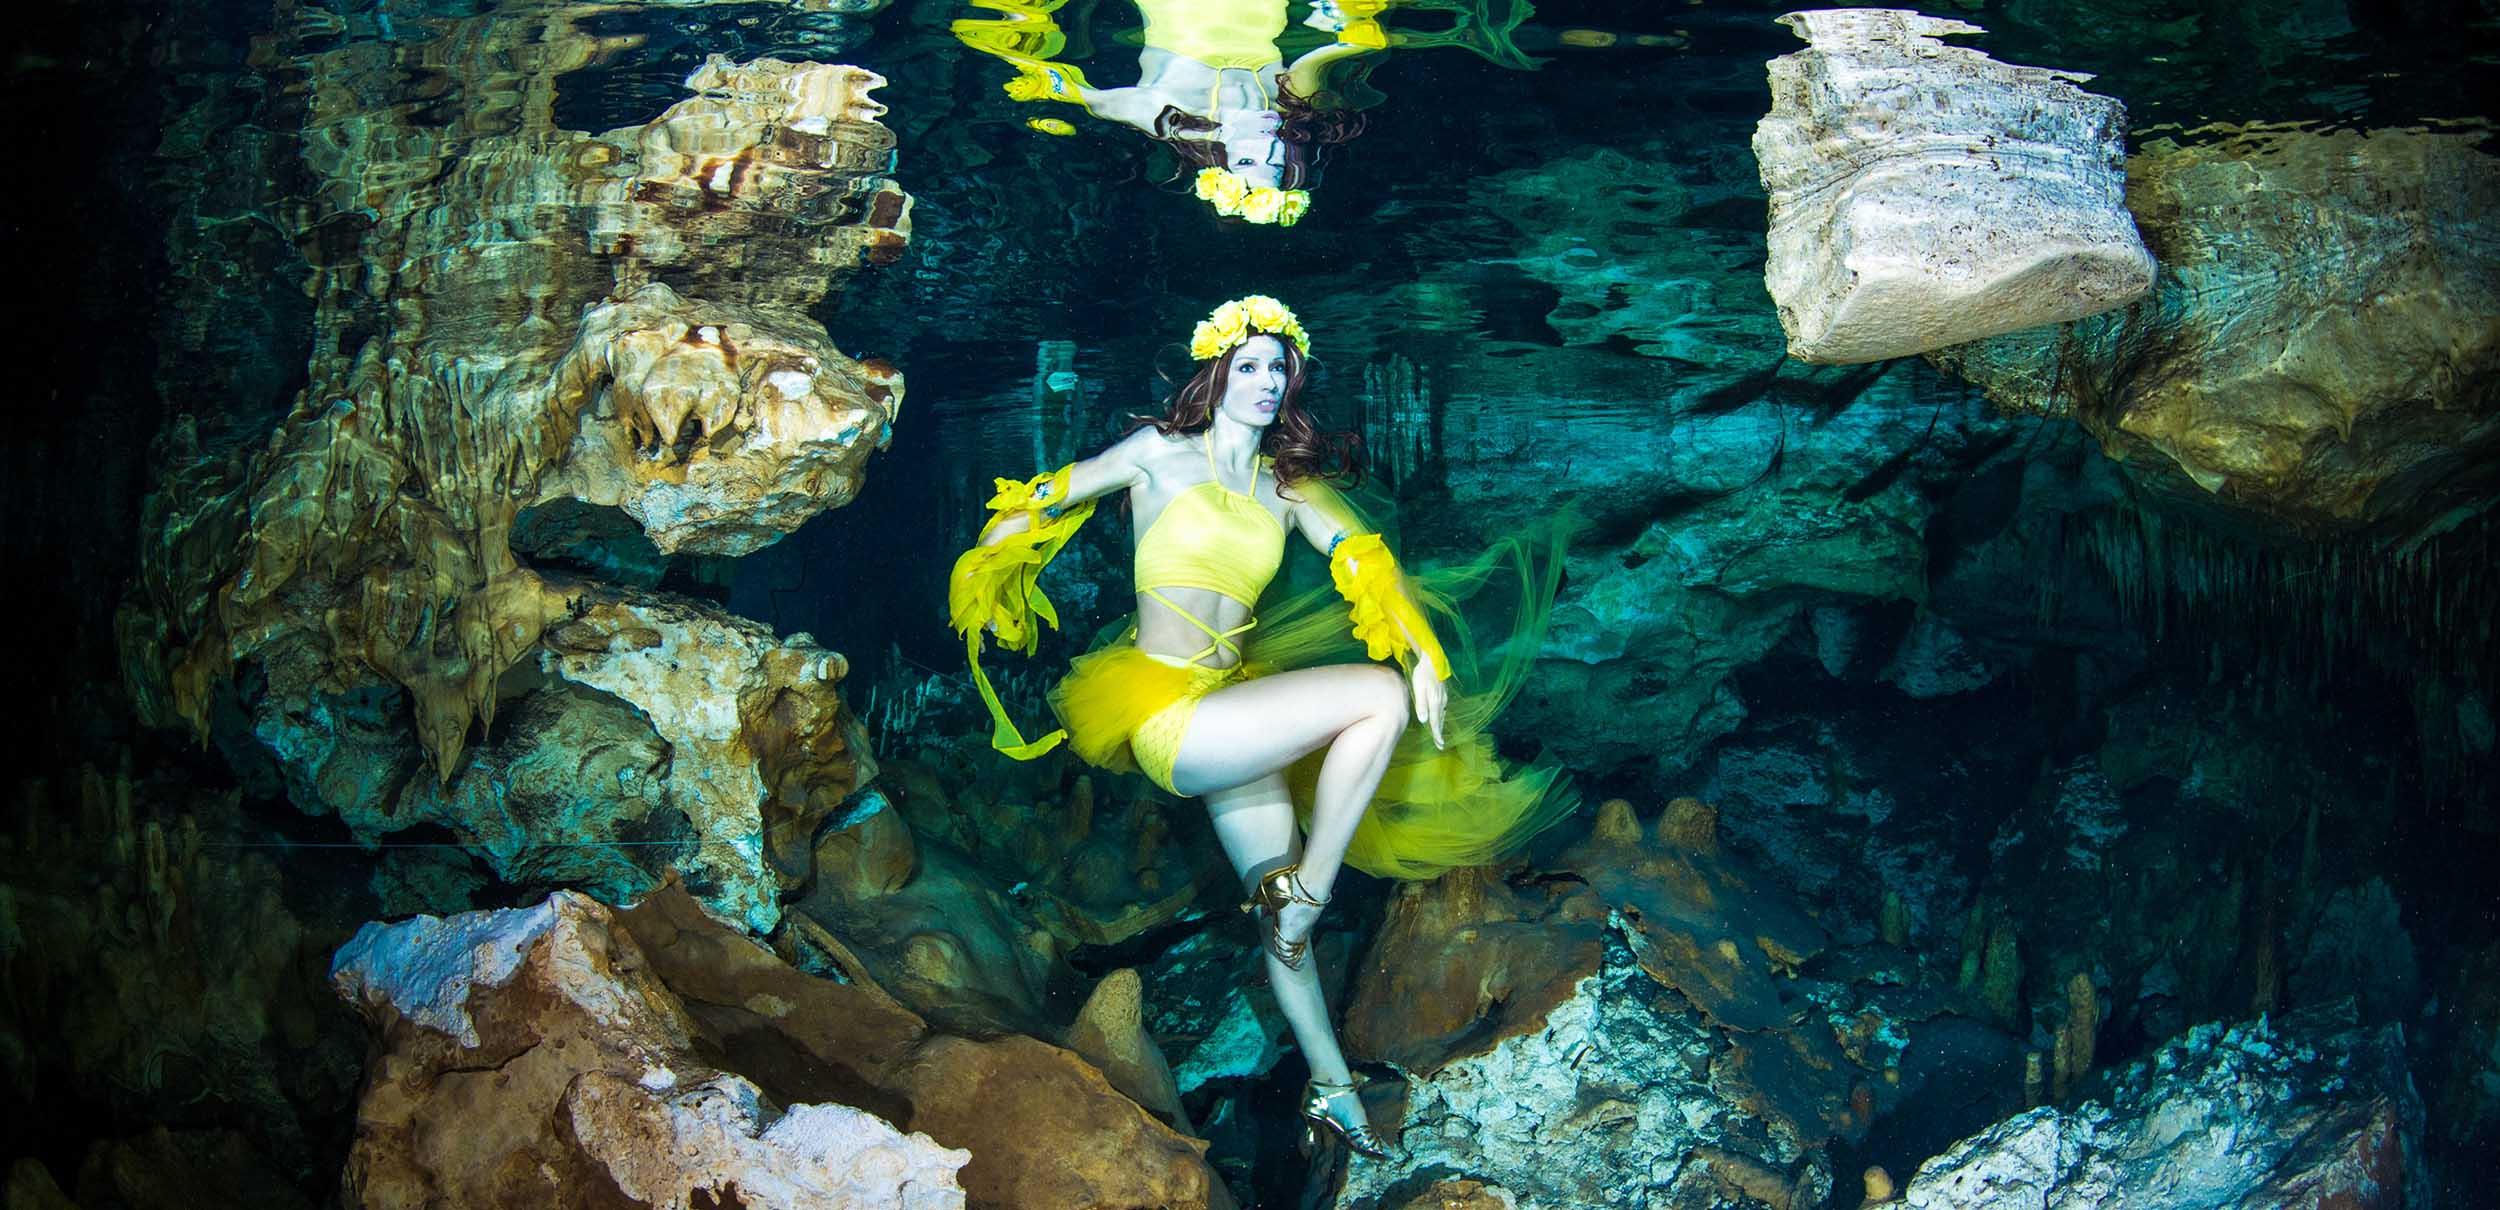 Mermaid Kat arbeitet als Unterwassermodel in den Cenoten in Mexiko